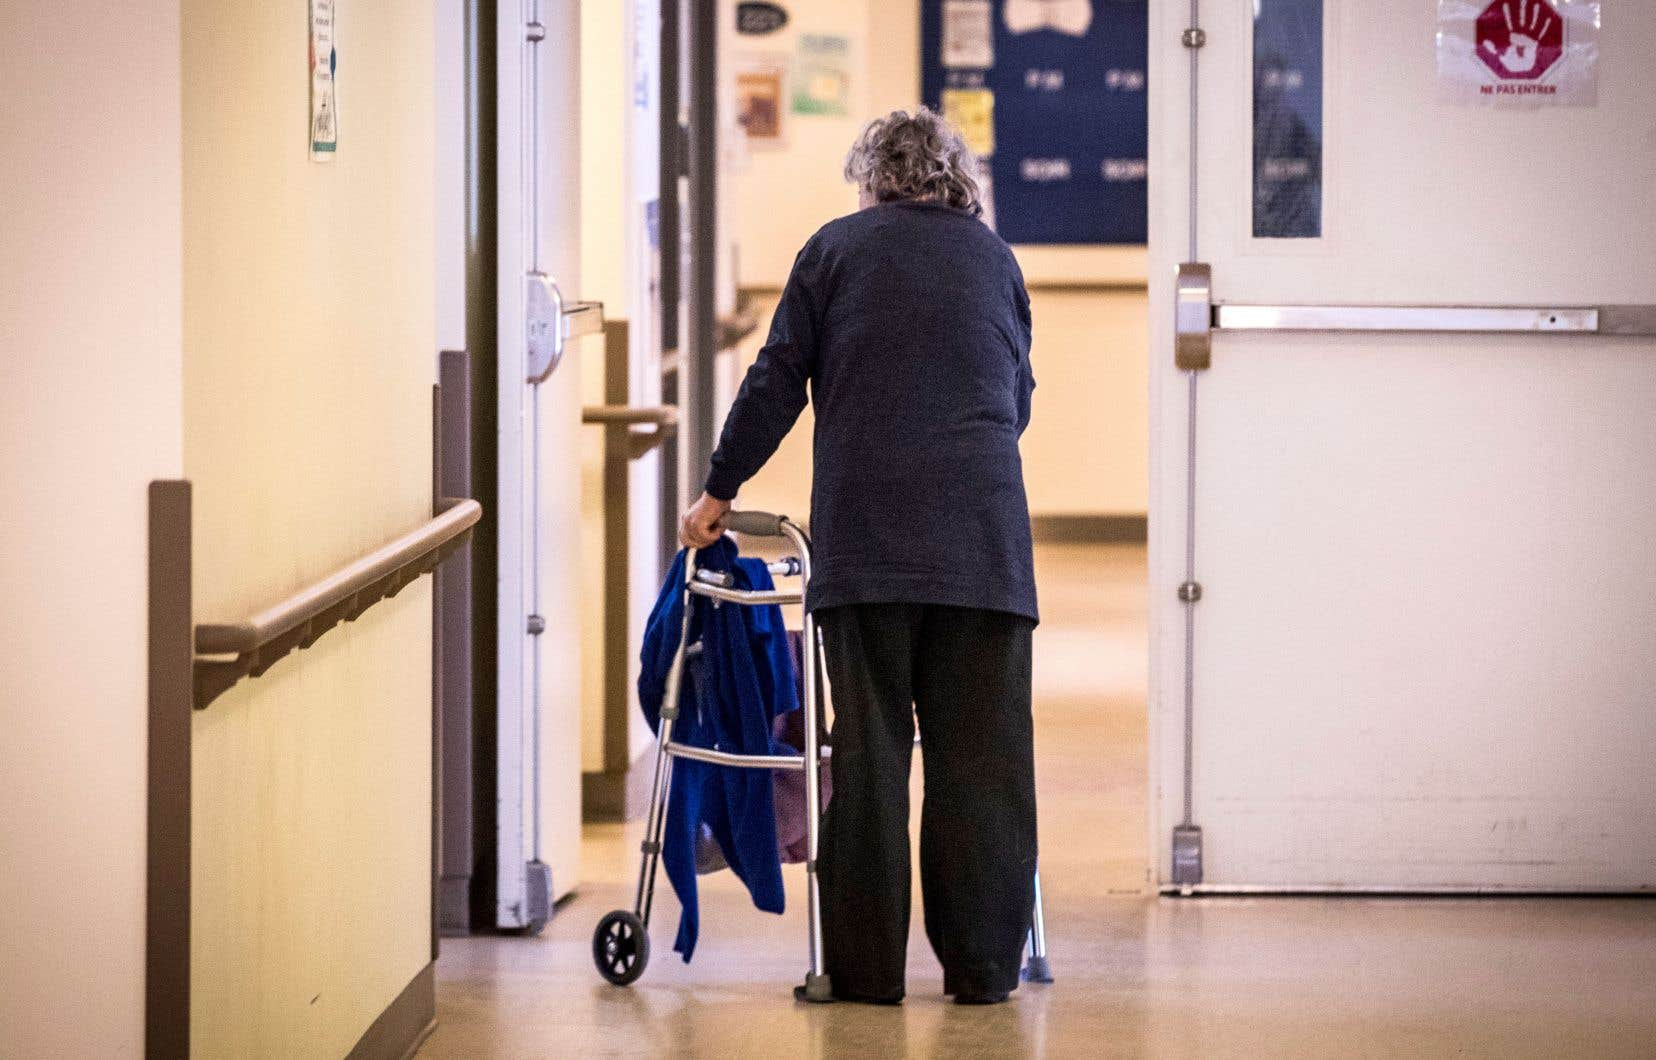 Une étude danoise confirme la nécessité de protéger les personnes plus âgées même si elles ont souffert d'une infection précédente.